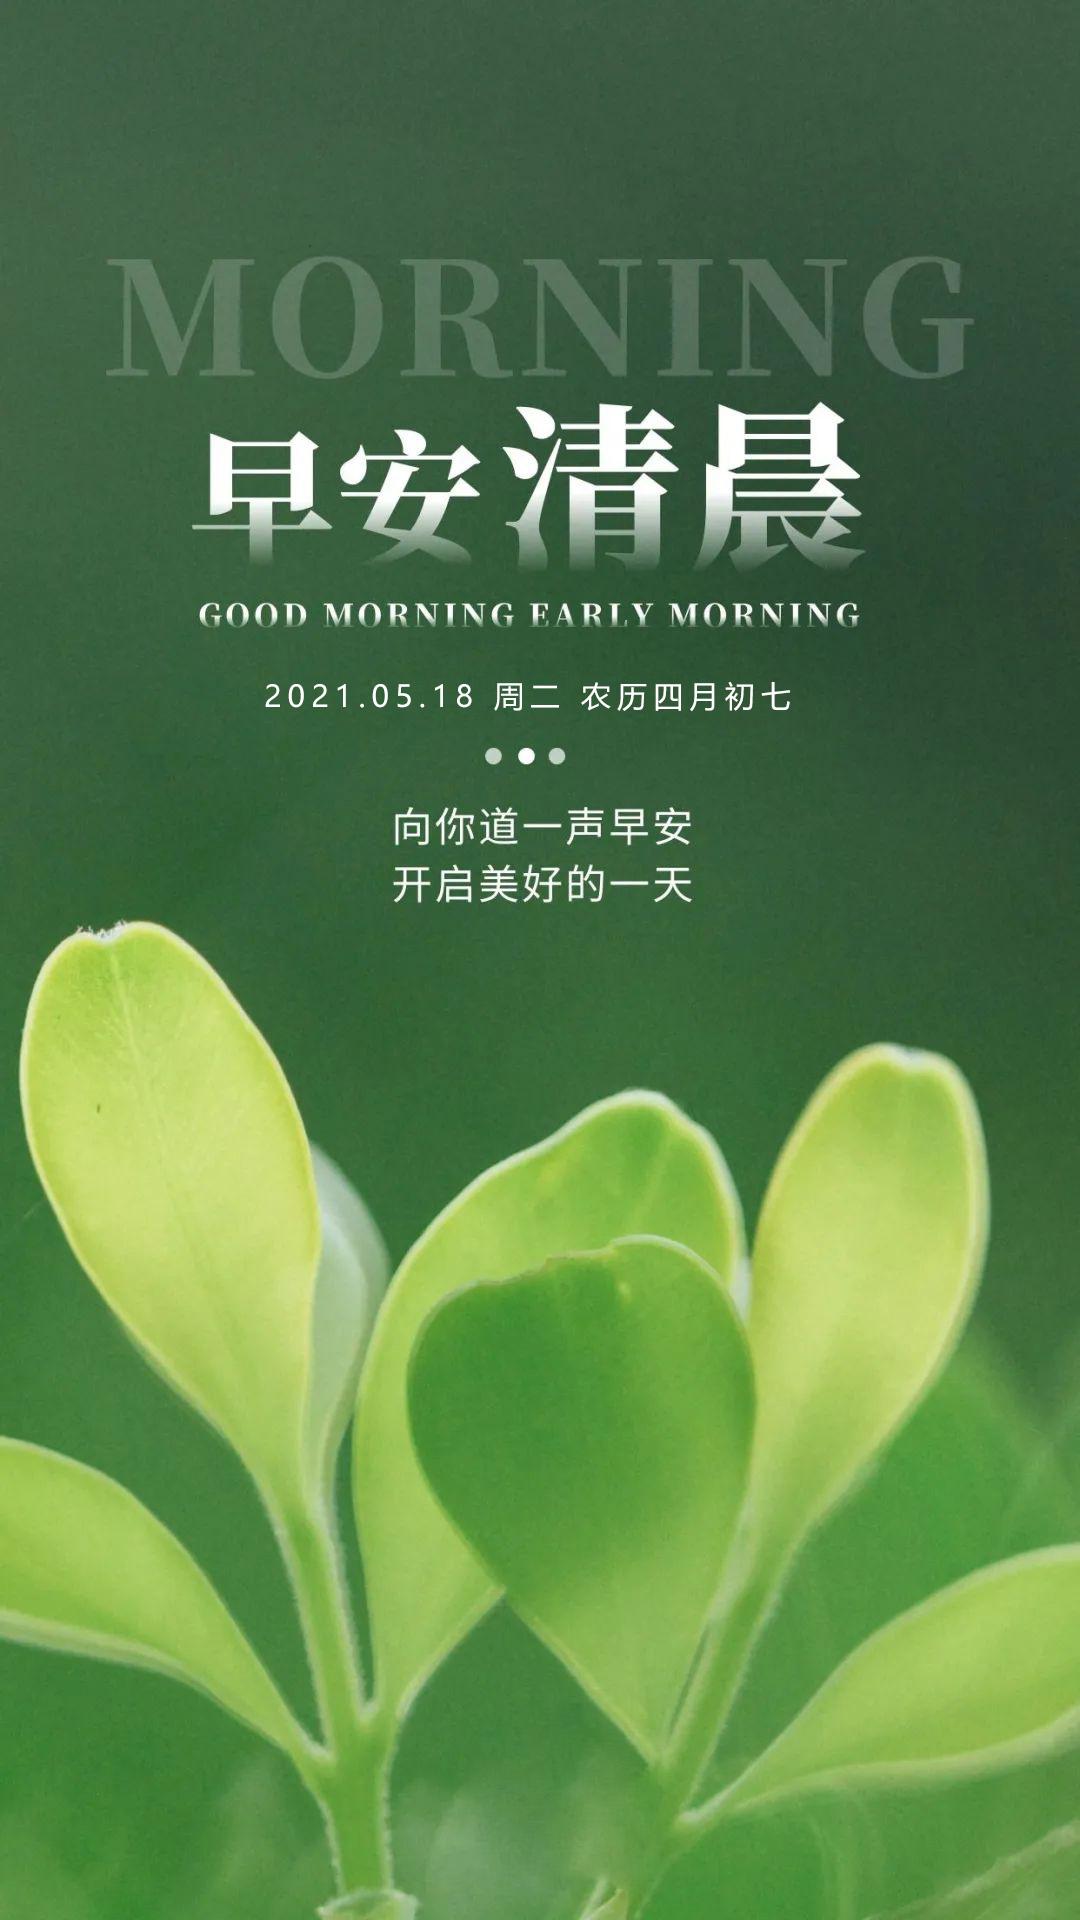 问候早安的正能量图片句子,带日期的早安图片,敢想敢闯